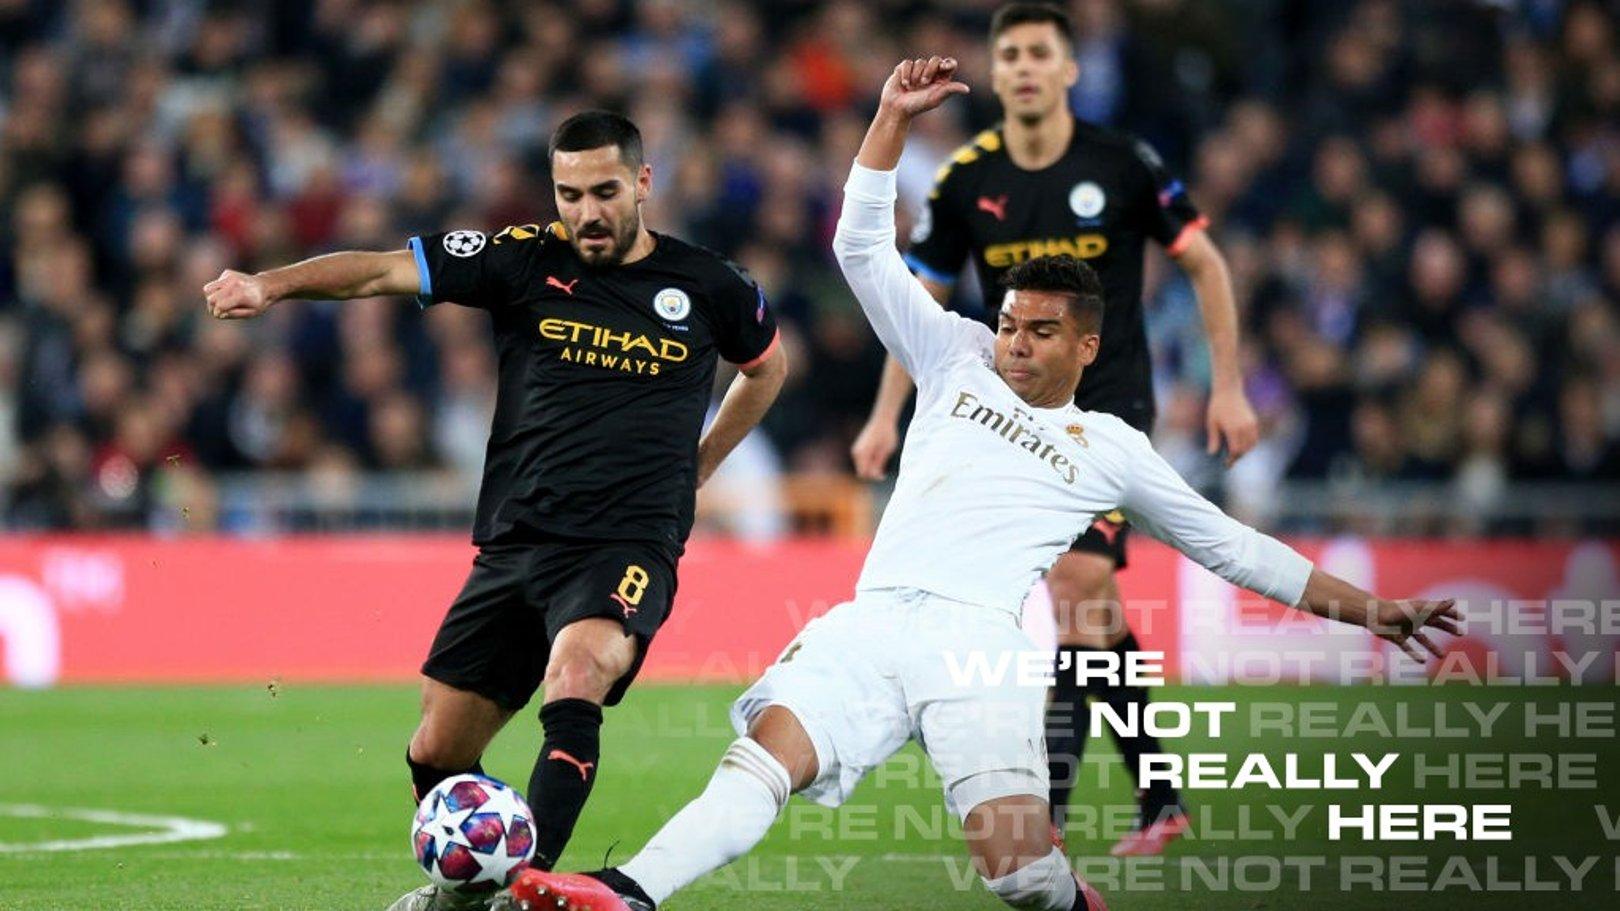 Txiki Begiristain: City Tak Berpikir Terlalu Jauh Dulu dan Fokus Pada Real Madrid